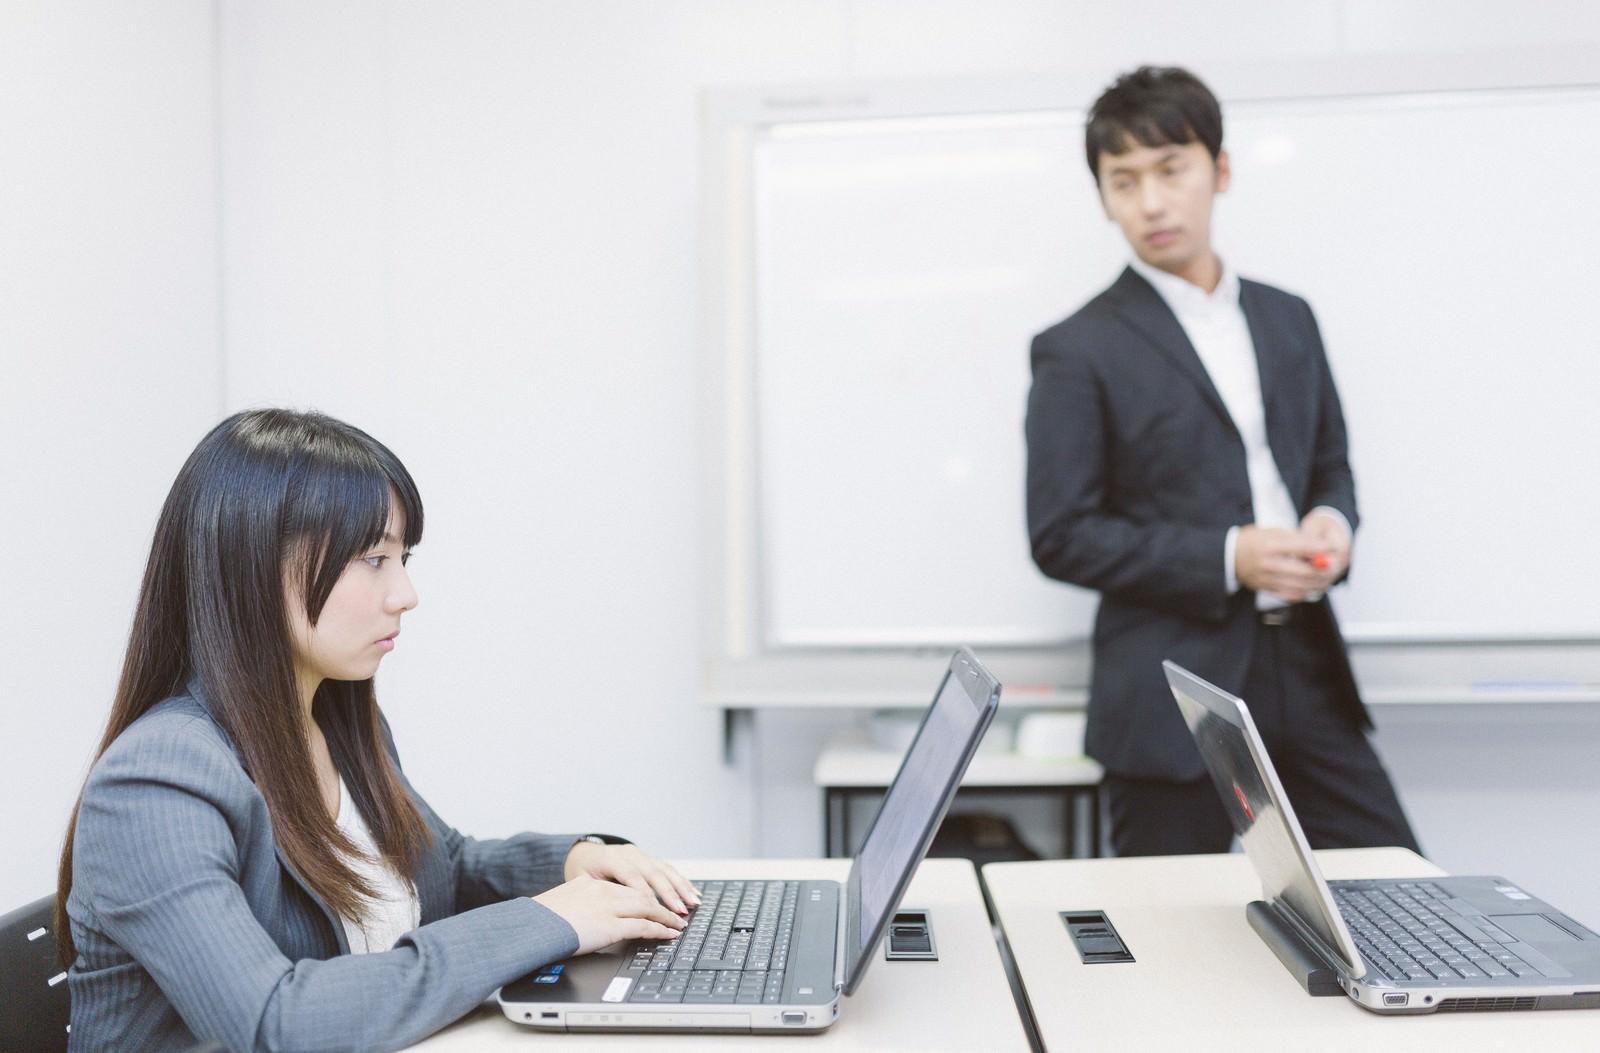 AIや機械学習を学べるPythonのプログラミングスクールはAIエンジニアへの転職斡旋もしてくれる。